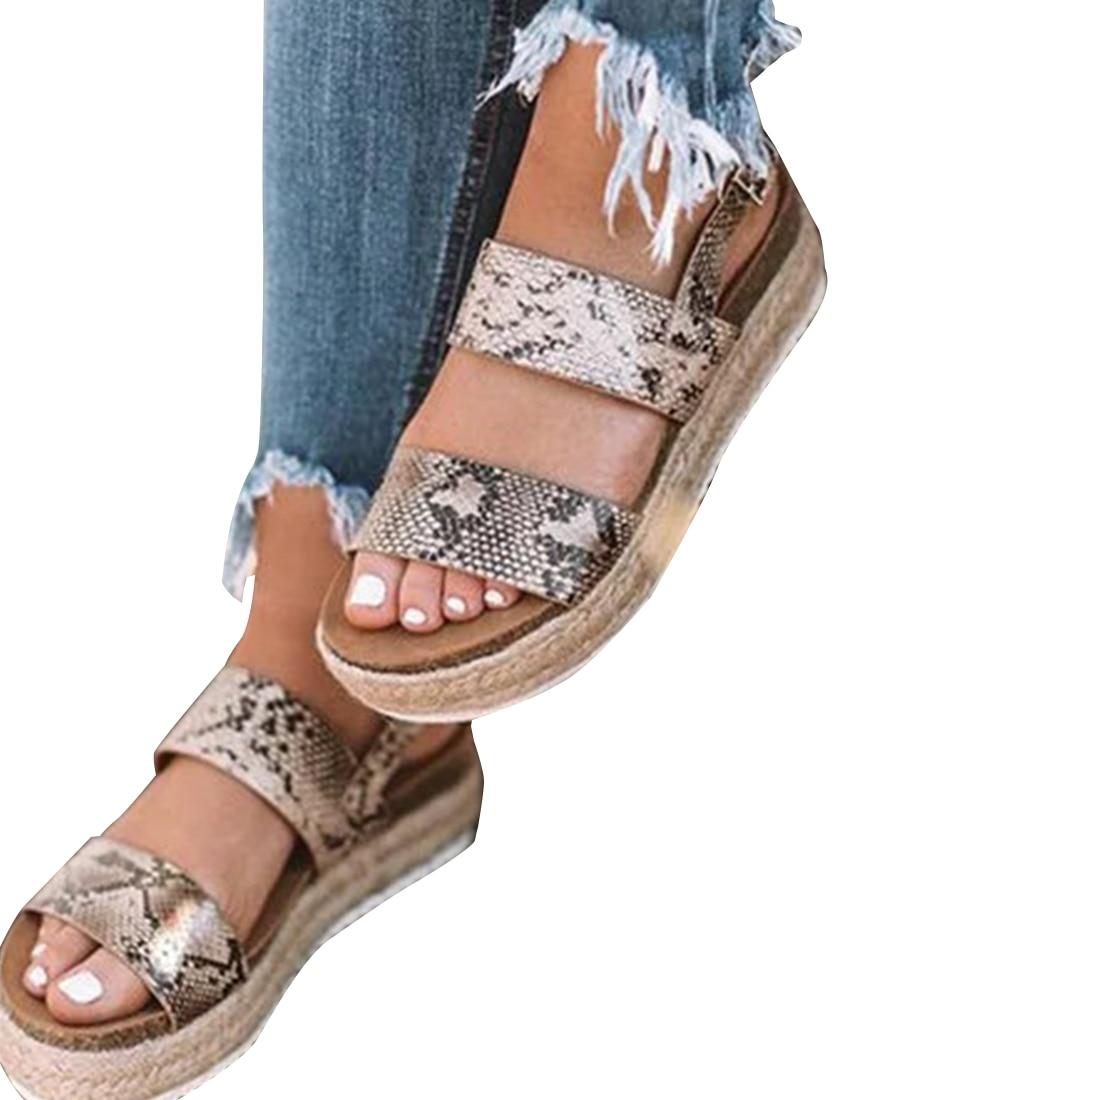 Sandalias de verano con estampado de leopardo para mujer, sandalias de piel sintética a la moda para mujer, zapatos de cáñamo de estilo bohemio, tallas 35-43, negro y amarillo